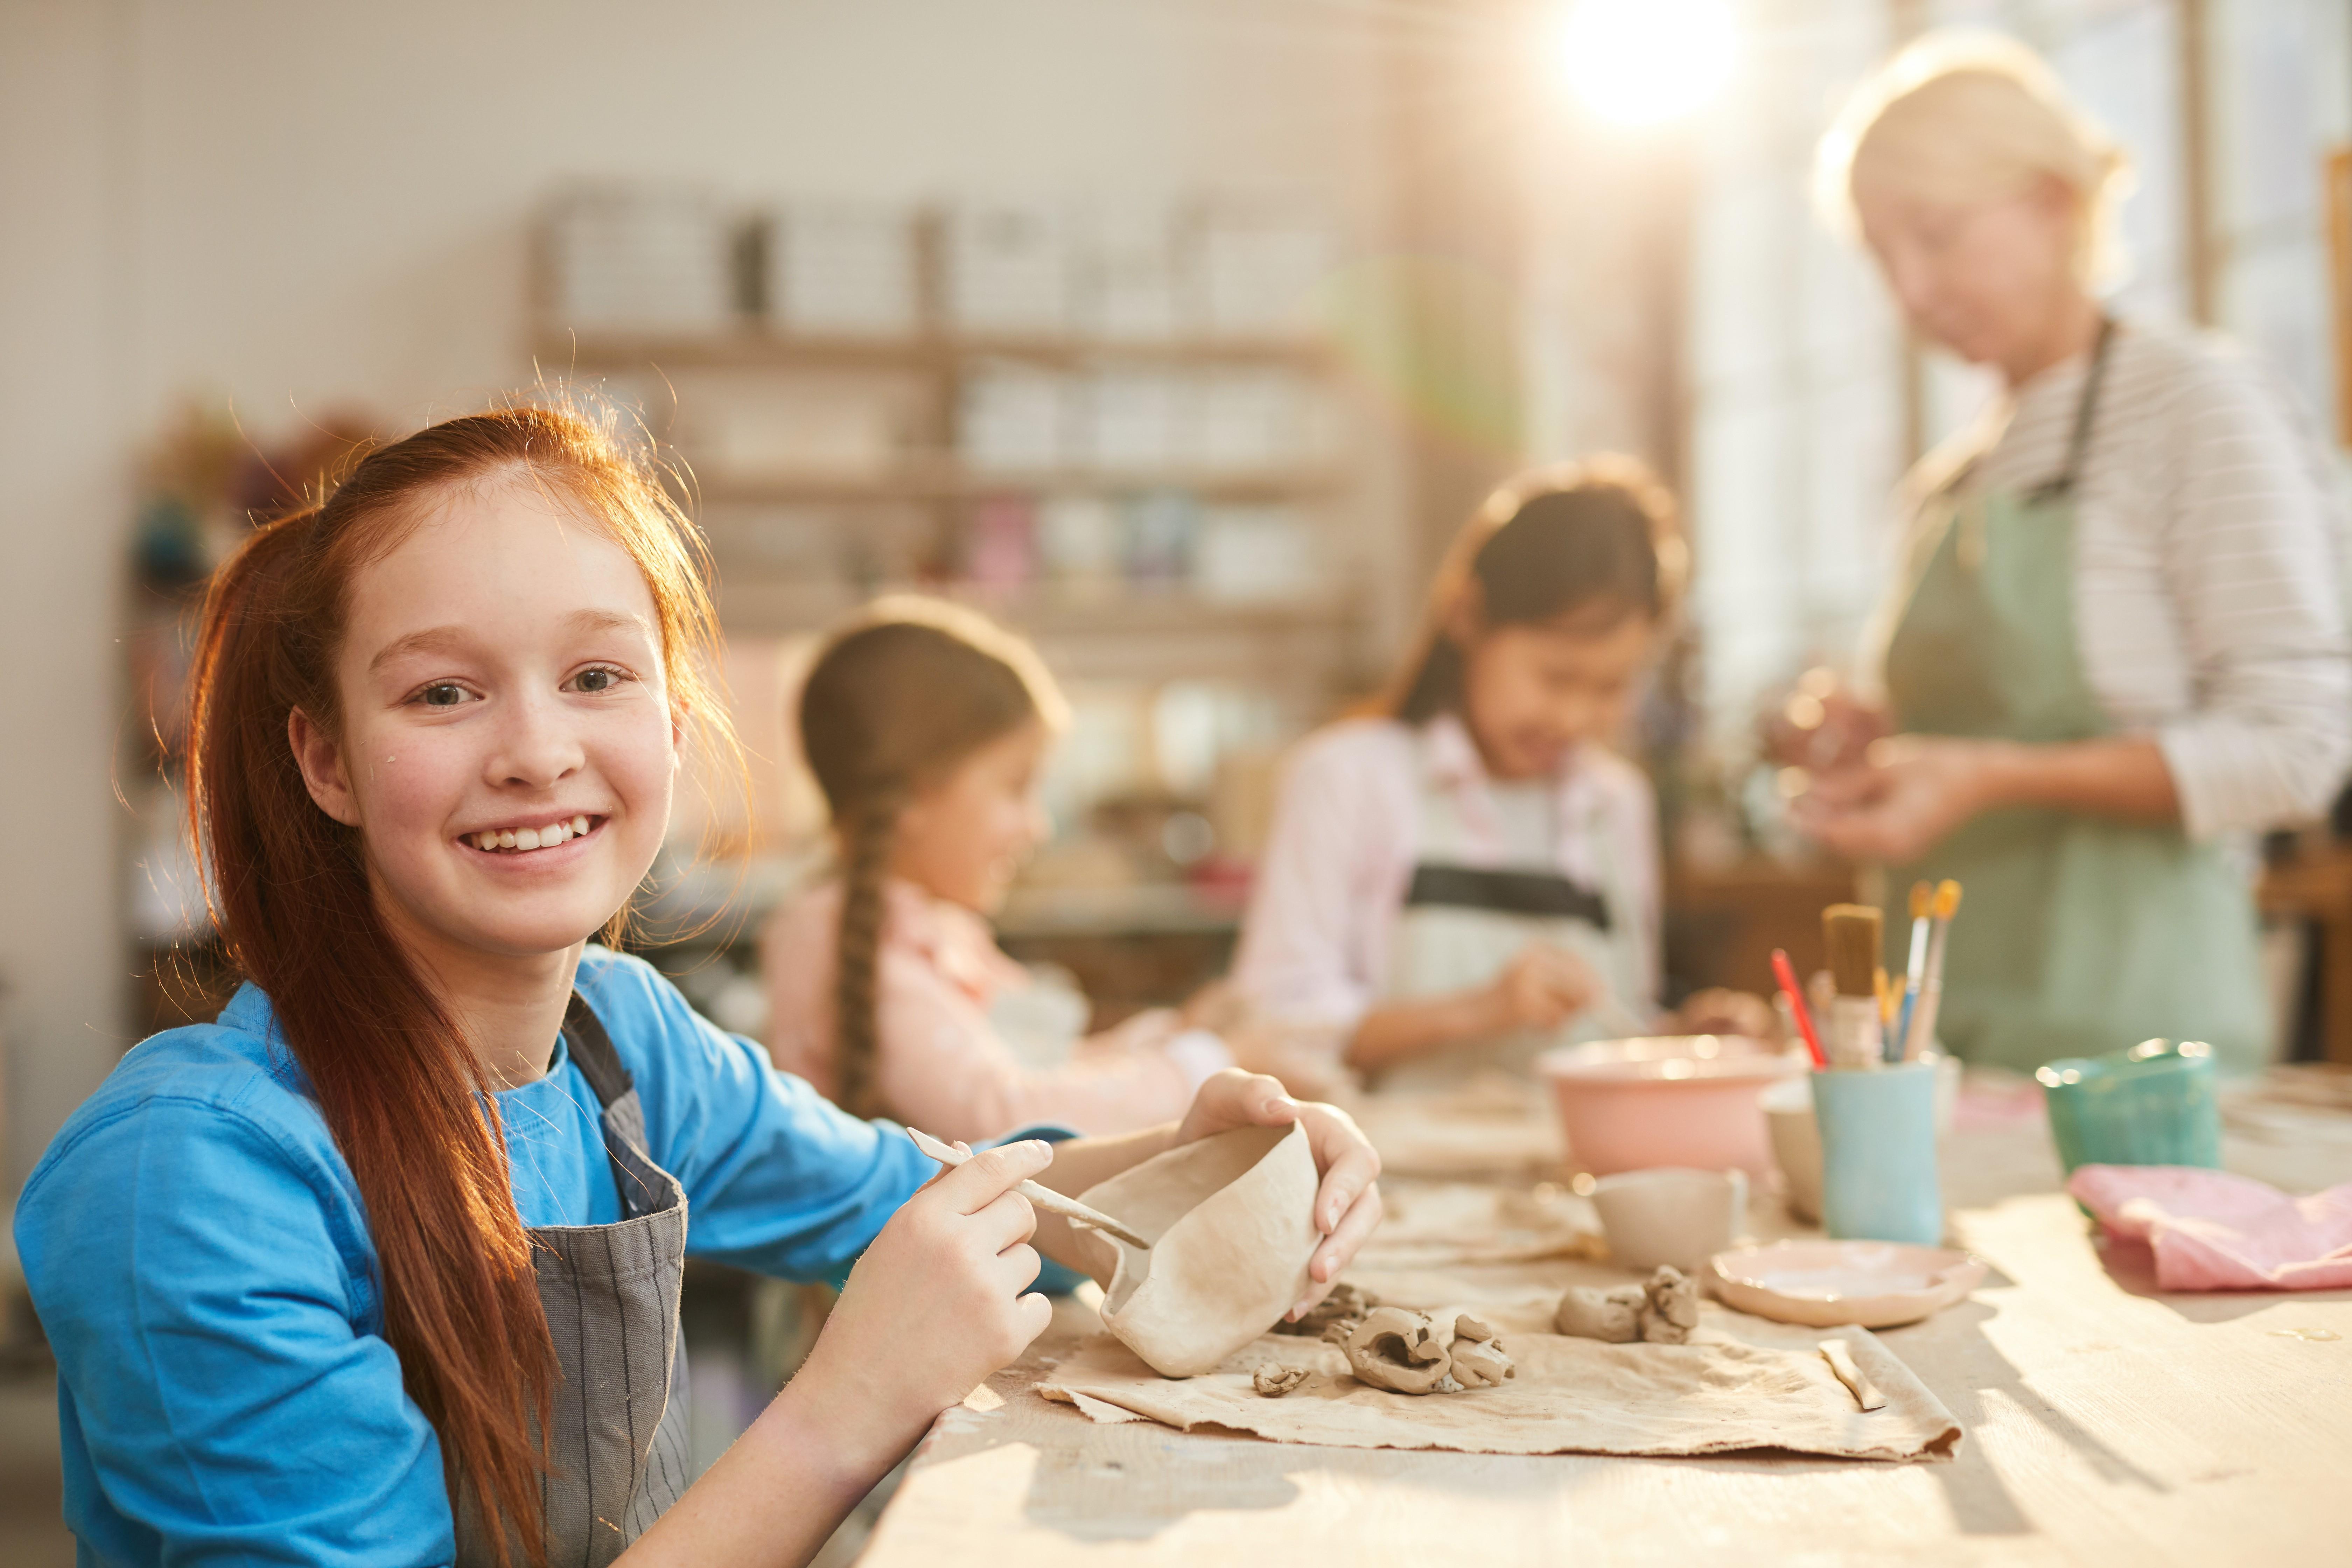 girl enjoying a pottery class